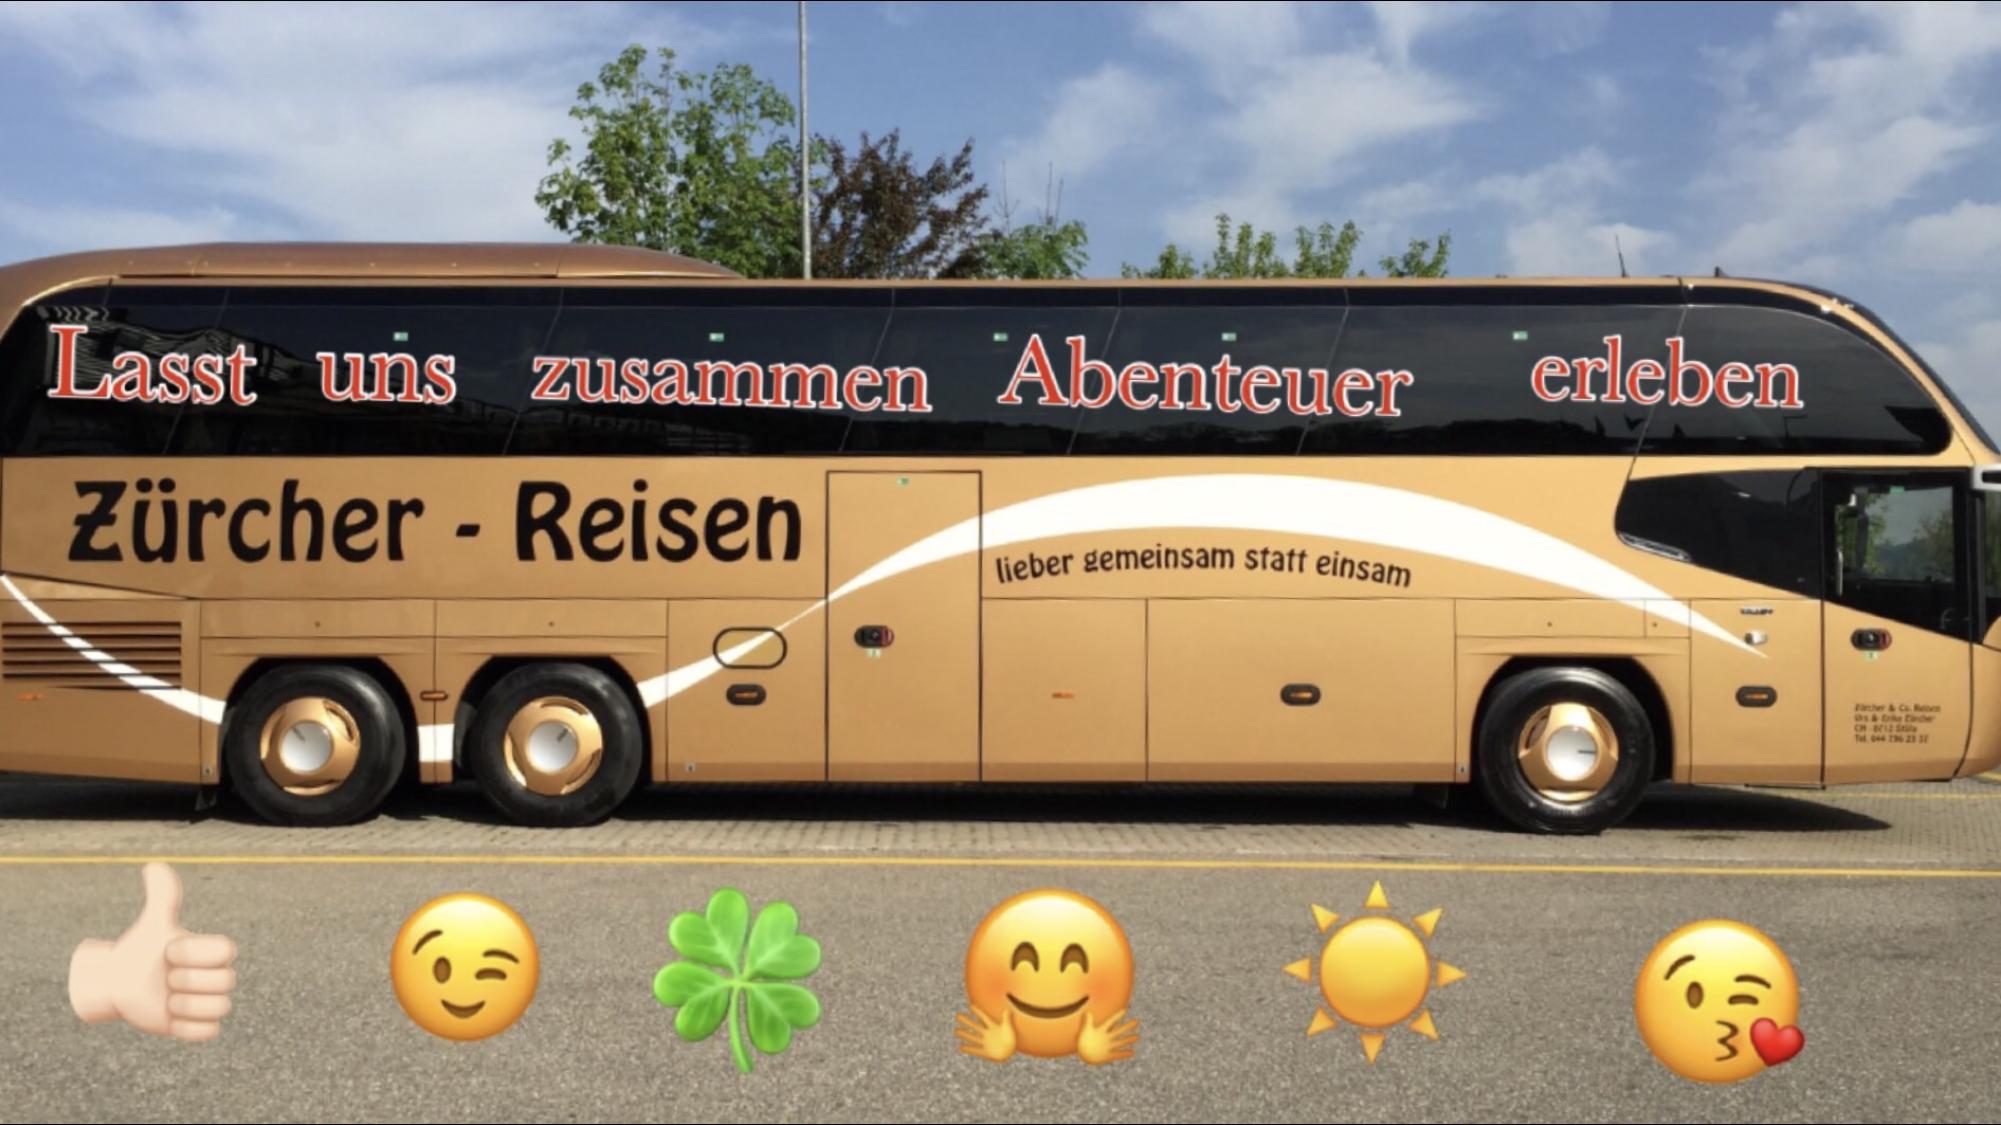 Bus_Abenteuer